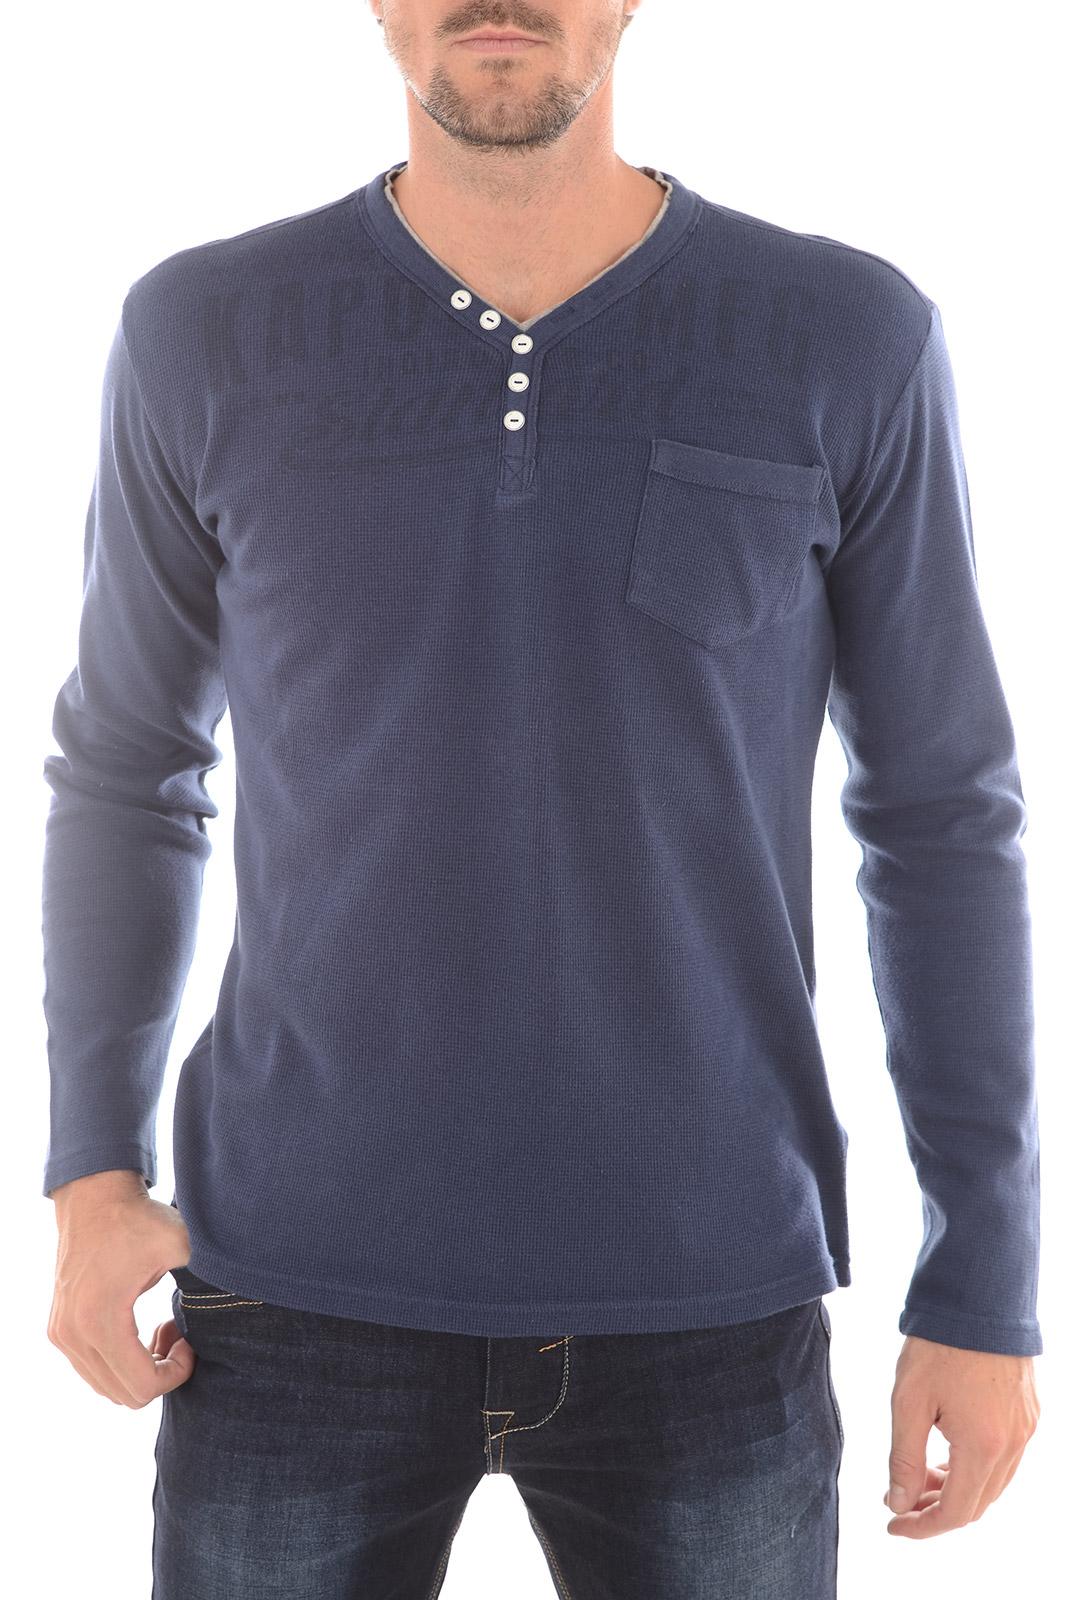 Image du produit Tee-shirts Kaporal Homme S,m,l,xxl